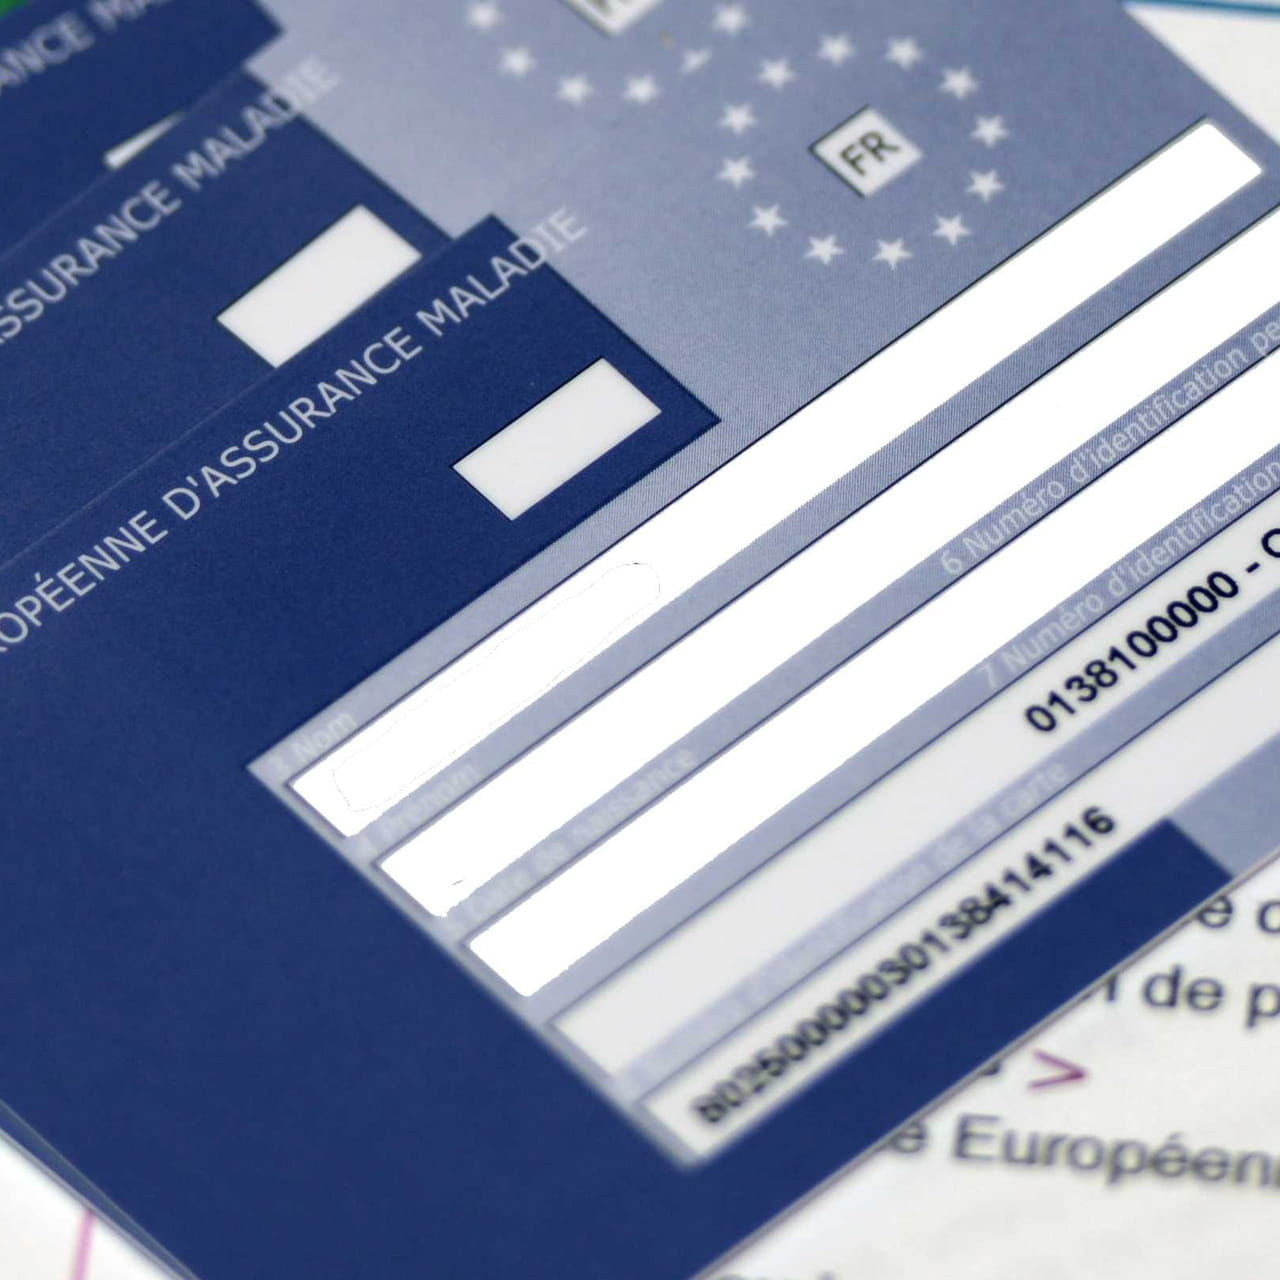 Carte Assurance Maladie Bonne Combien De Temps.Carte Europeenne D Assurance Maladie Demande Delai